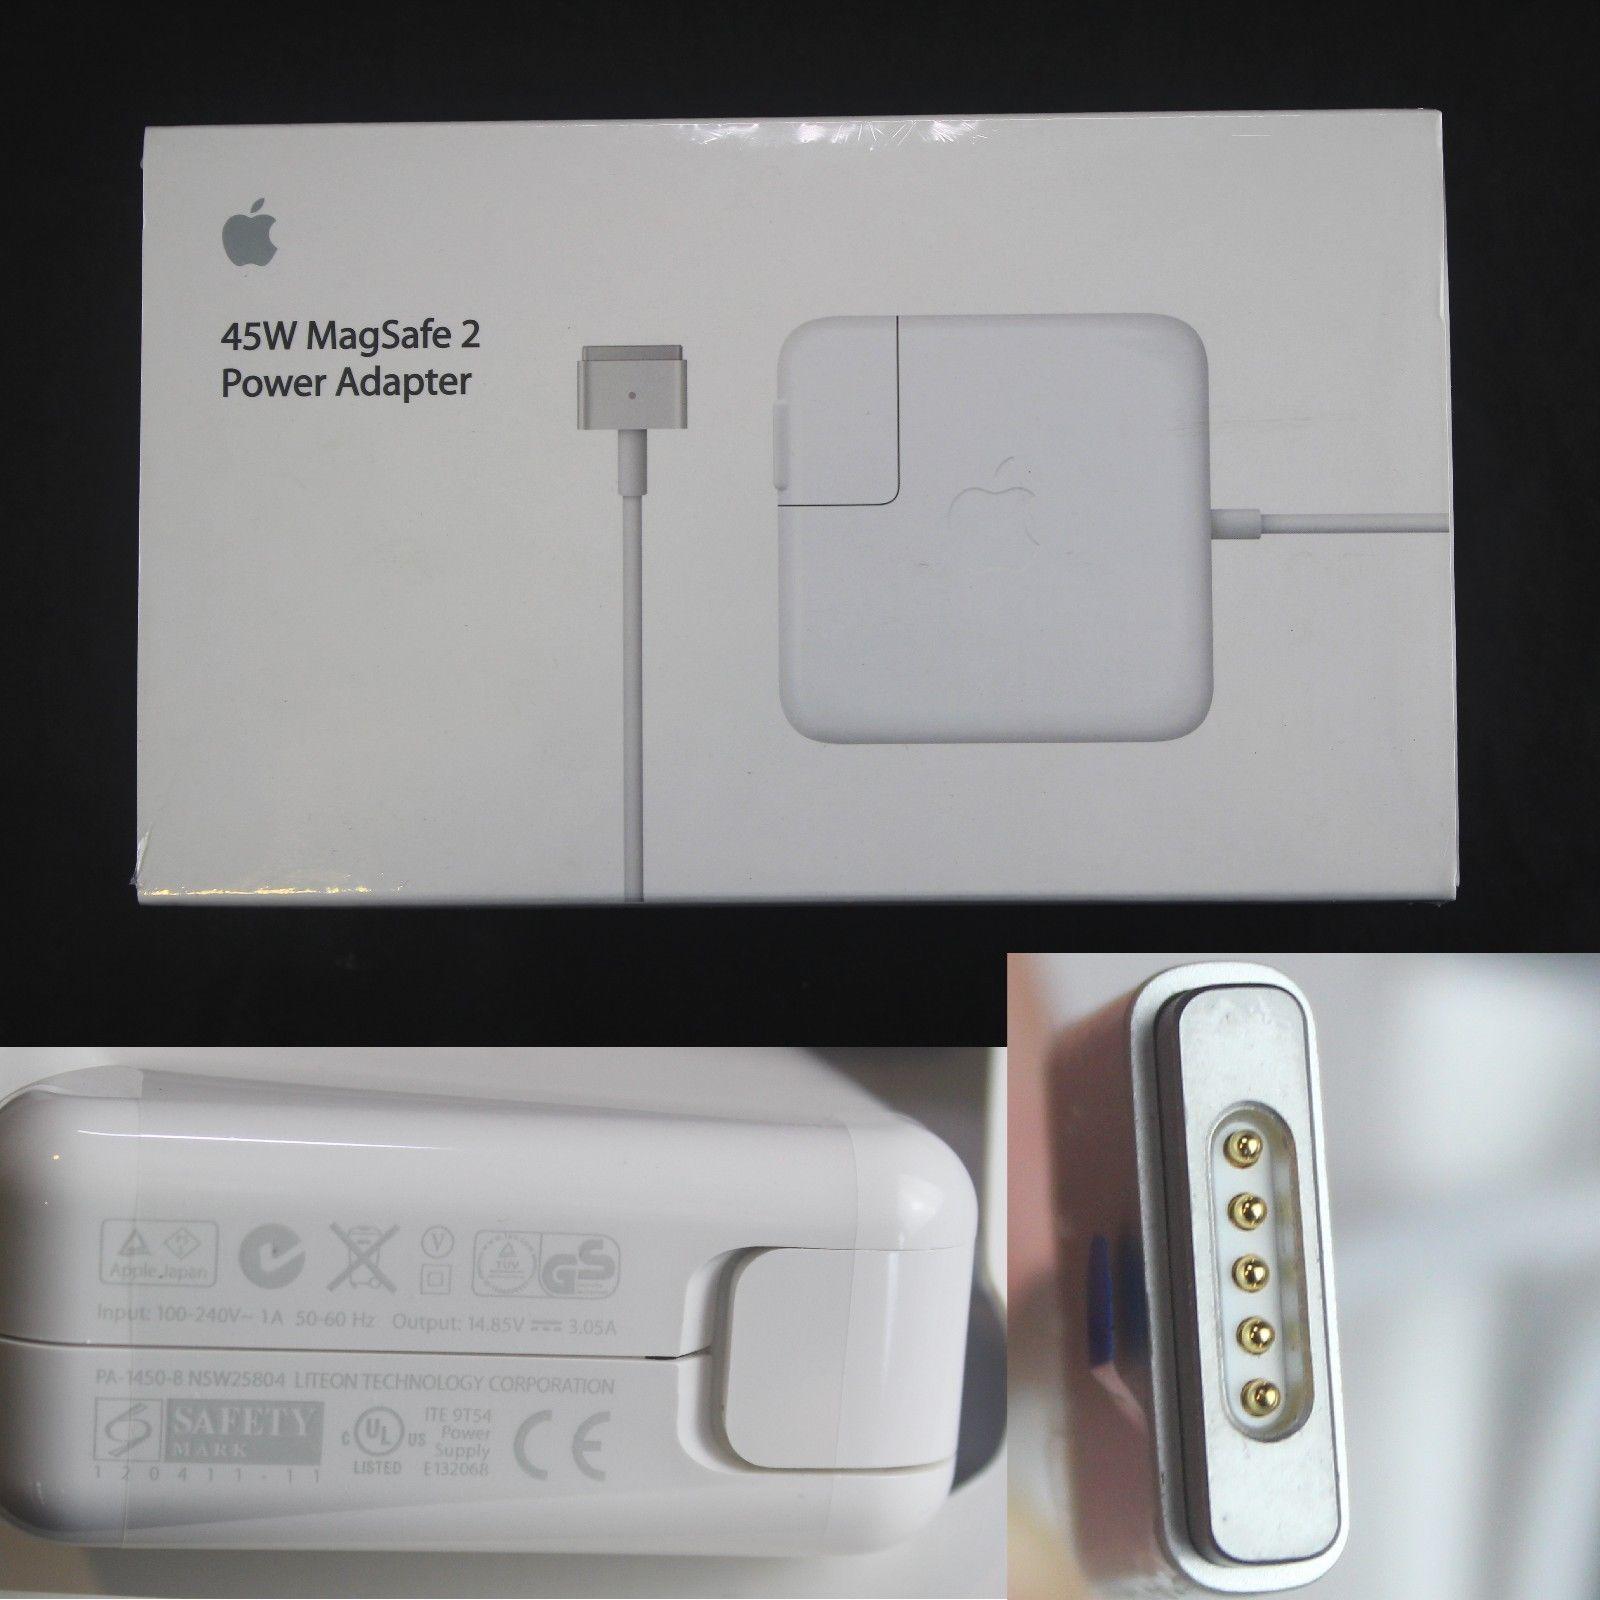 sac-macbook-45w-magsafe-2-original-full-box